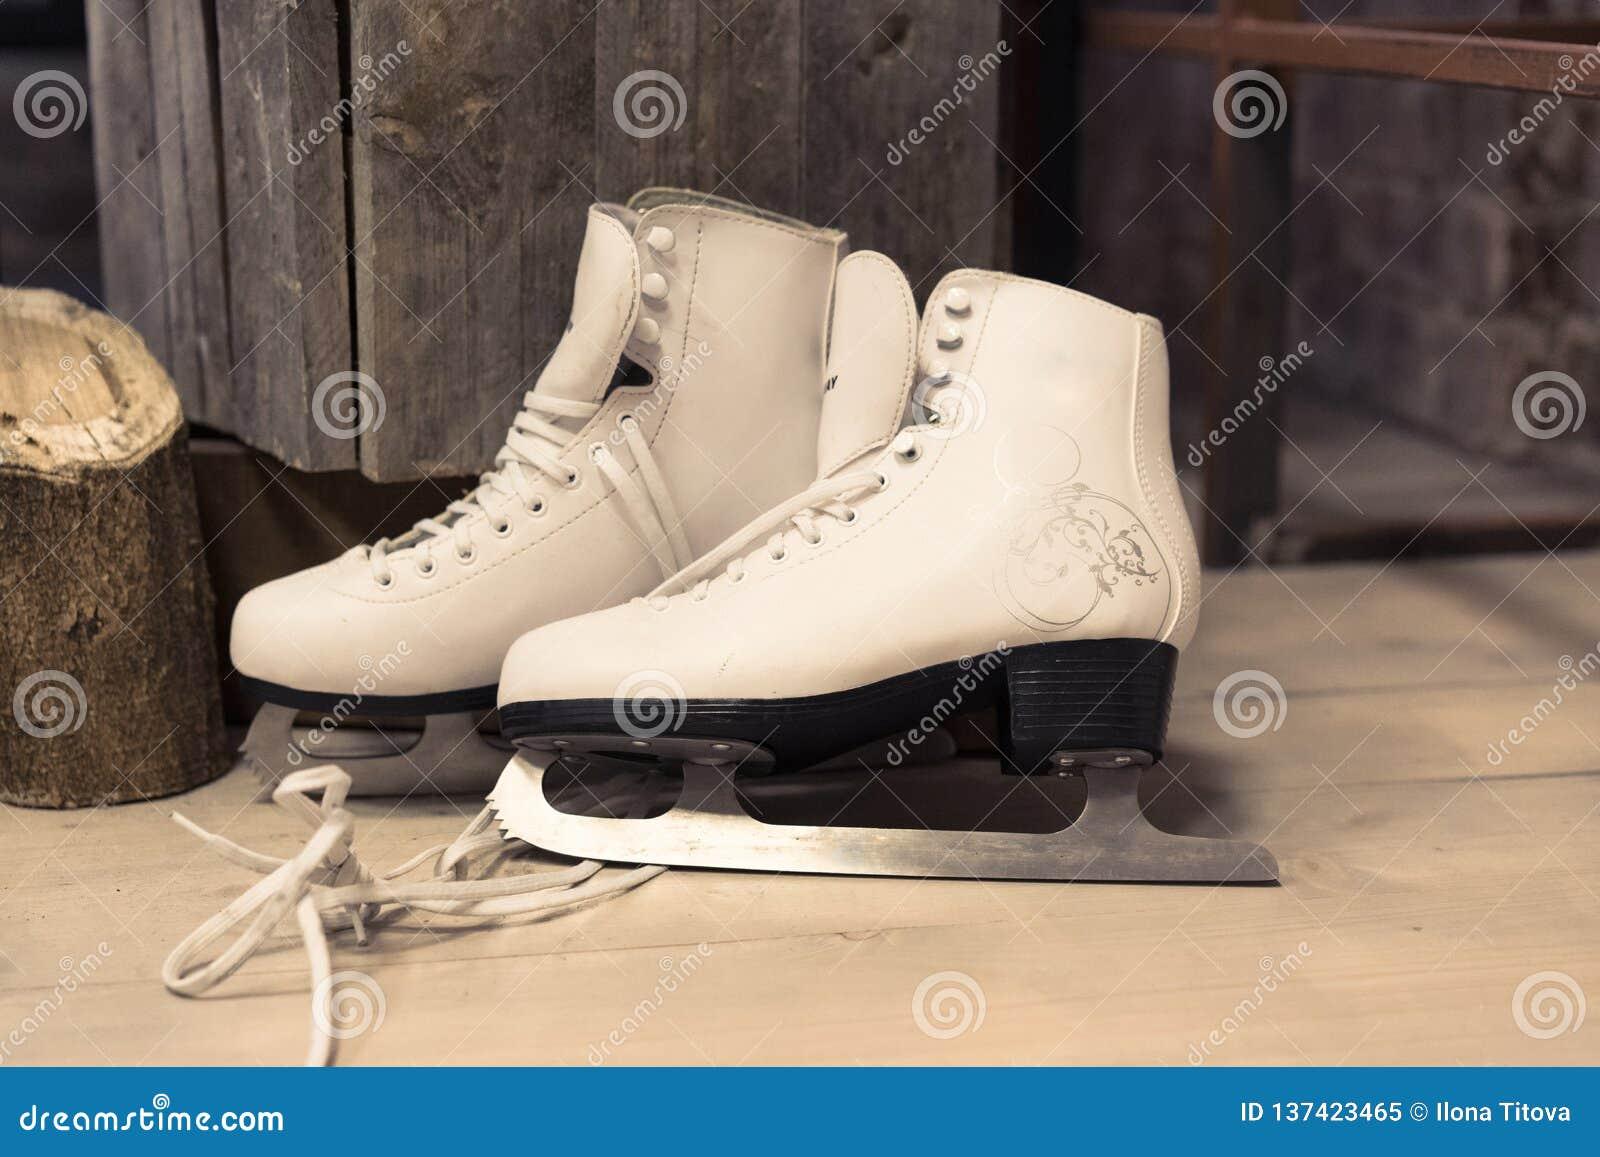 Los patines blancos de las mujeres están en el piso femenino para patinar Deporte de invierno